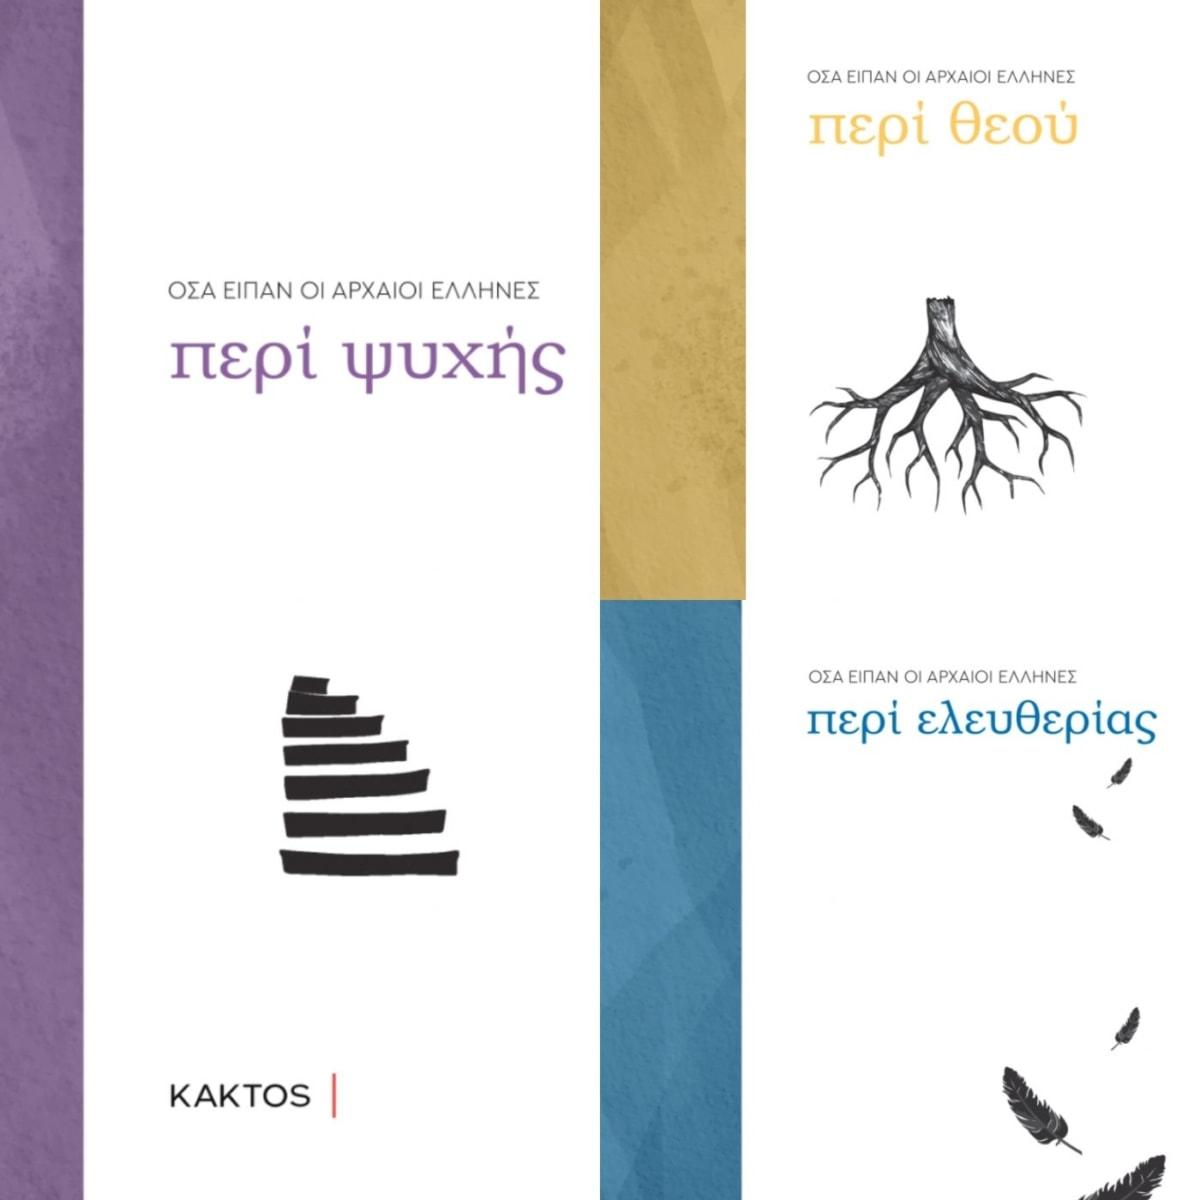 """Διαγωνισμός!Ένας τυχερός θα κερδίσει 3 βιβλία από τη συλλογή """"Όσα είπαν οι Αρχαίοι Έλληνες περί Ψυχής, περί Ελευθερίας, περί Θεού"""" από τις εκδόσεις Κάκτος"""